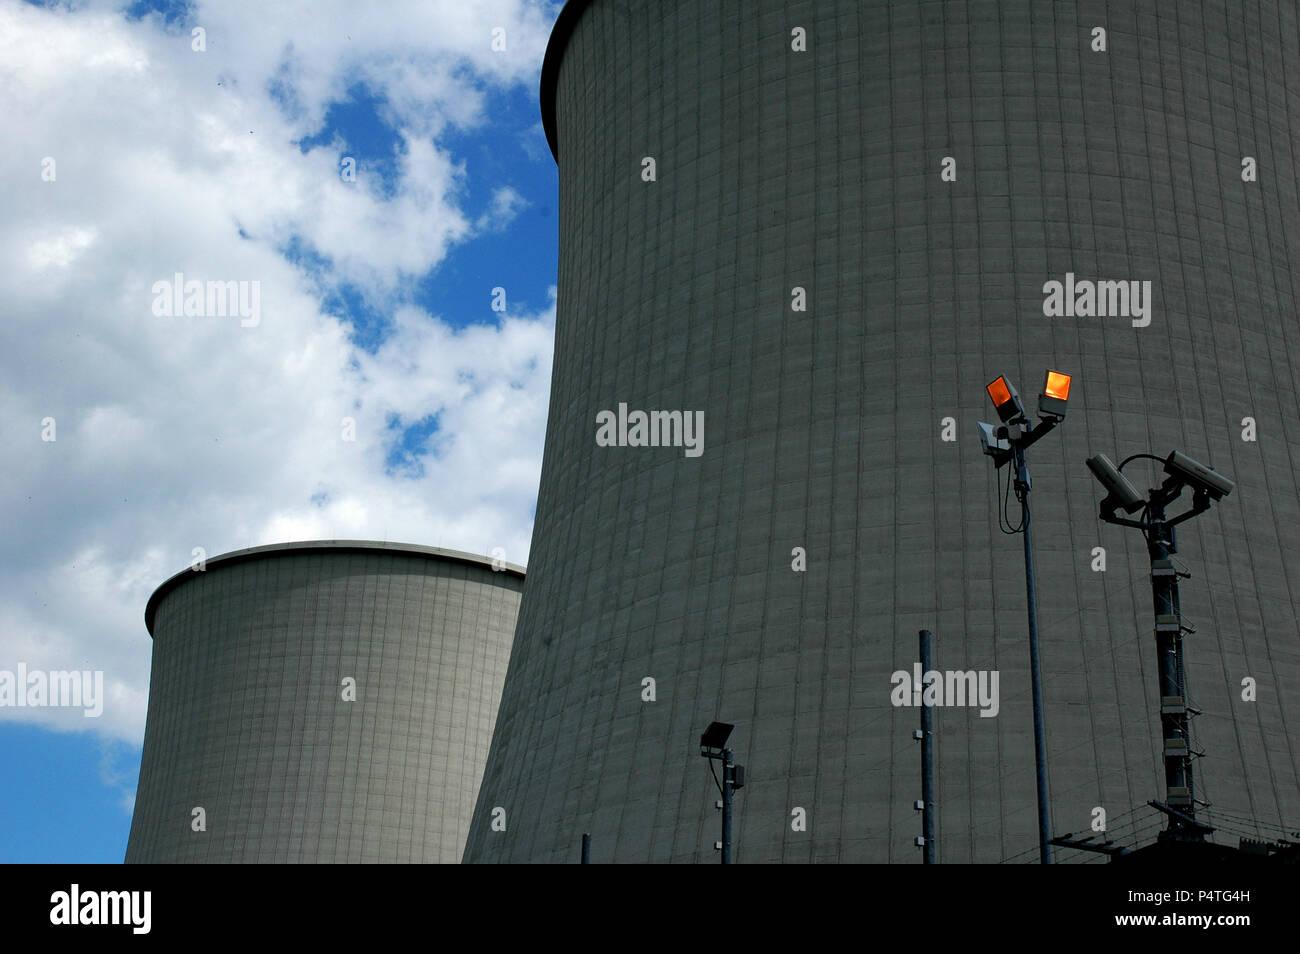 Atomic power Plant, Nuke, Atomkraftwerk - Stock Image